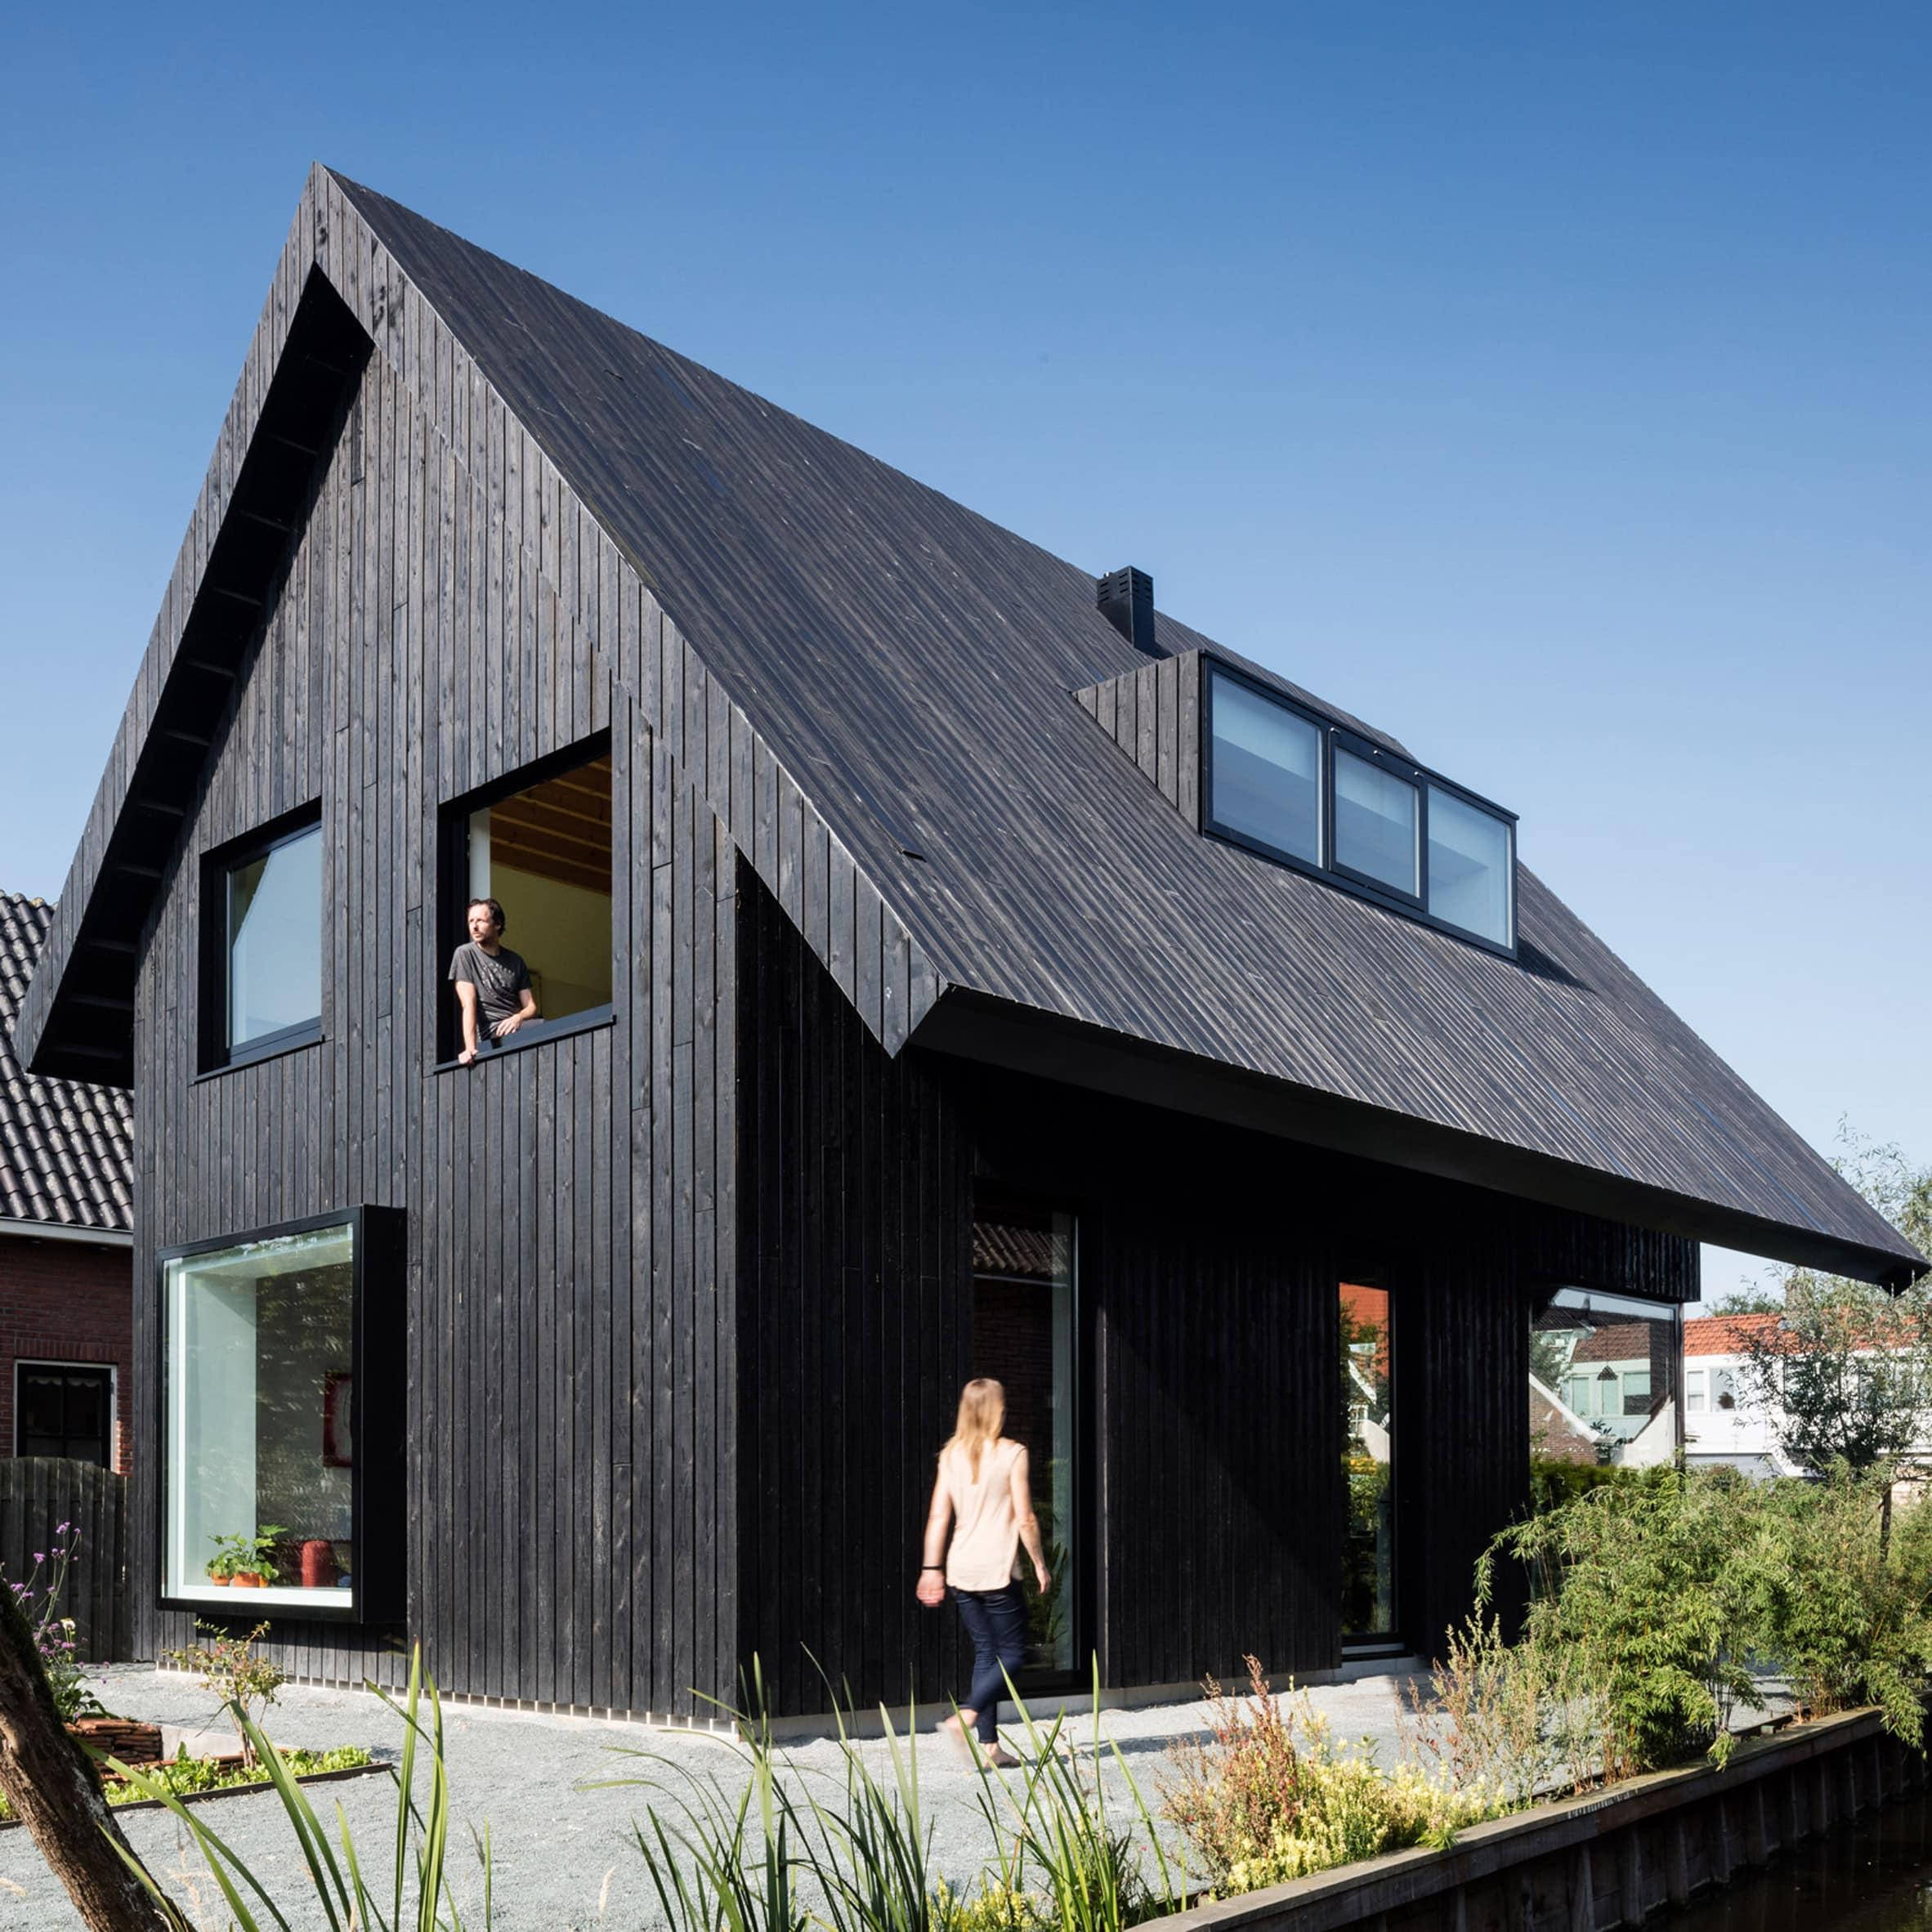 Desain Rumah Belanda Minimalis Dan Futuristik Thegorbalsla